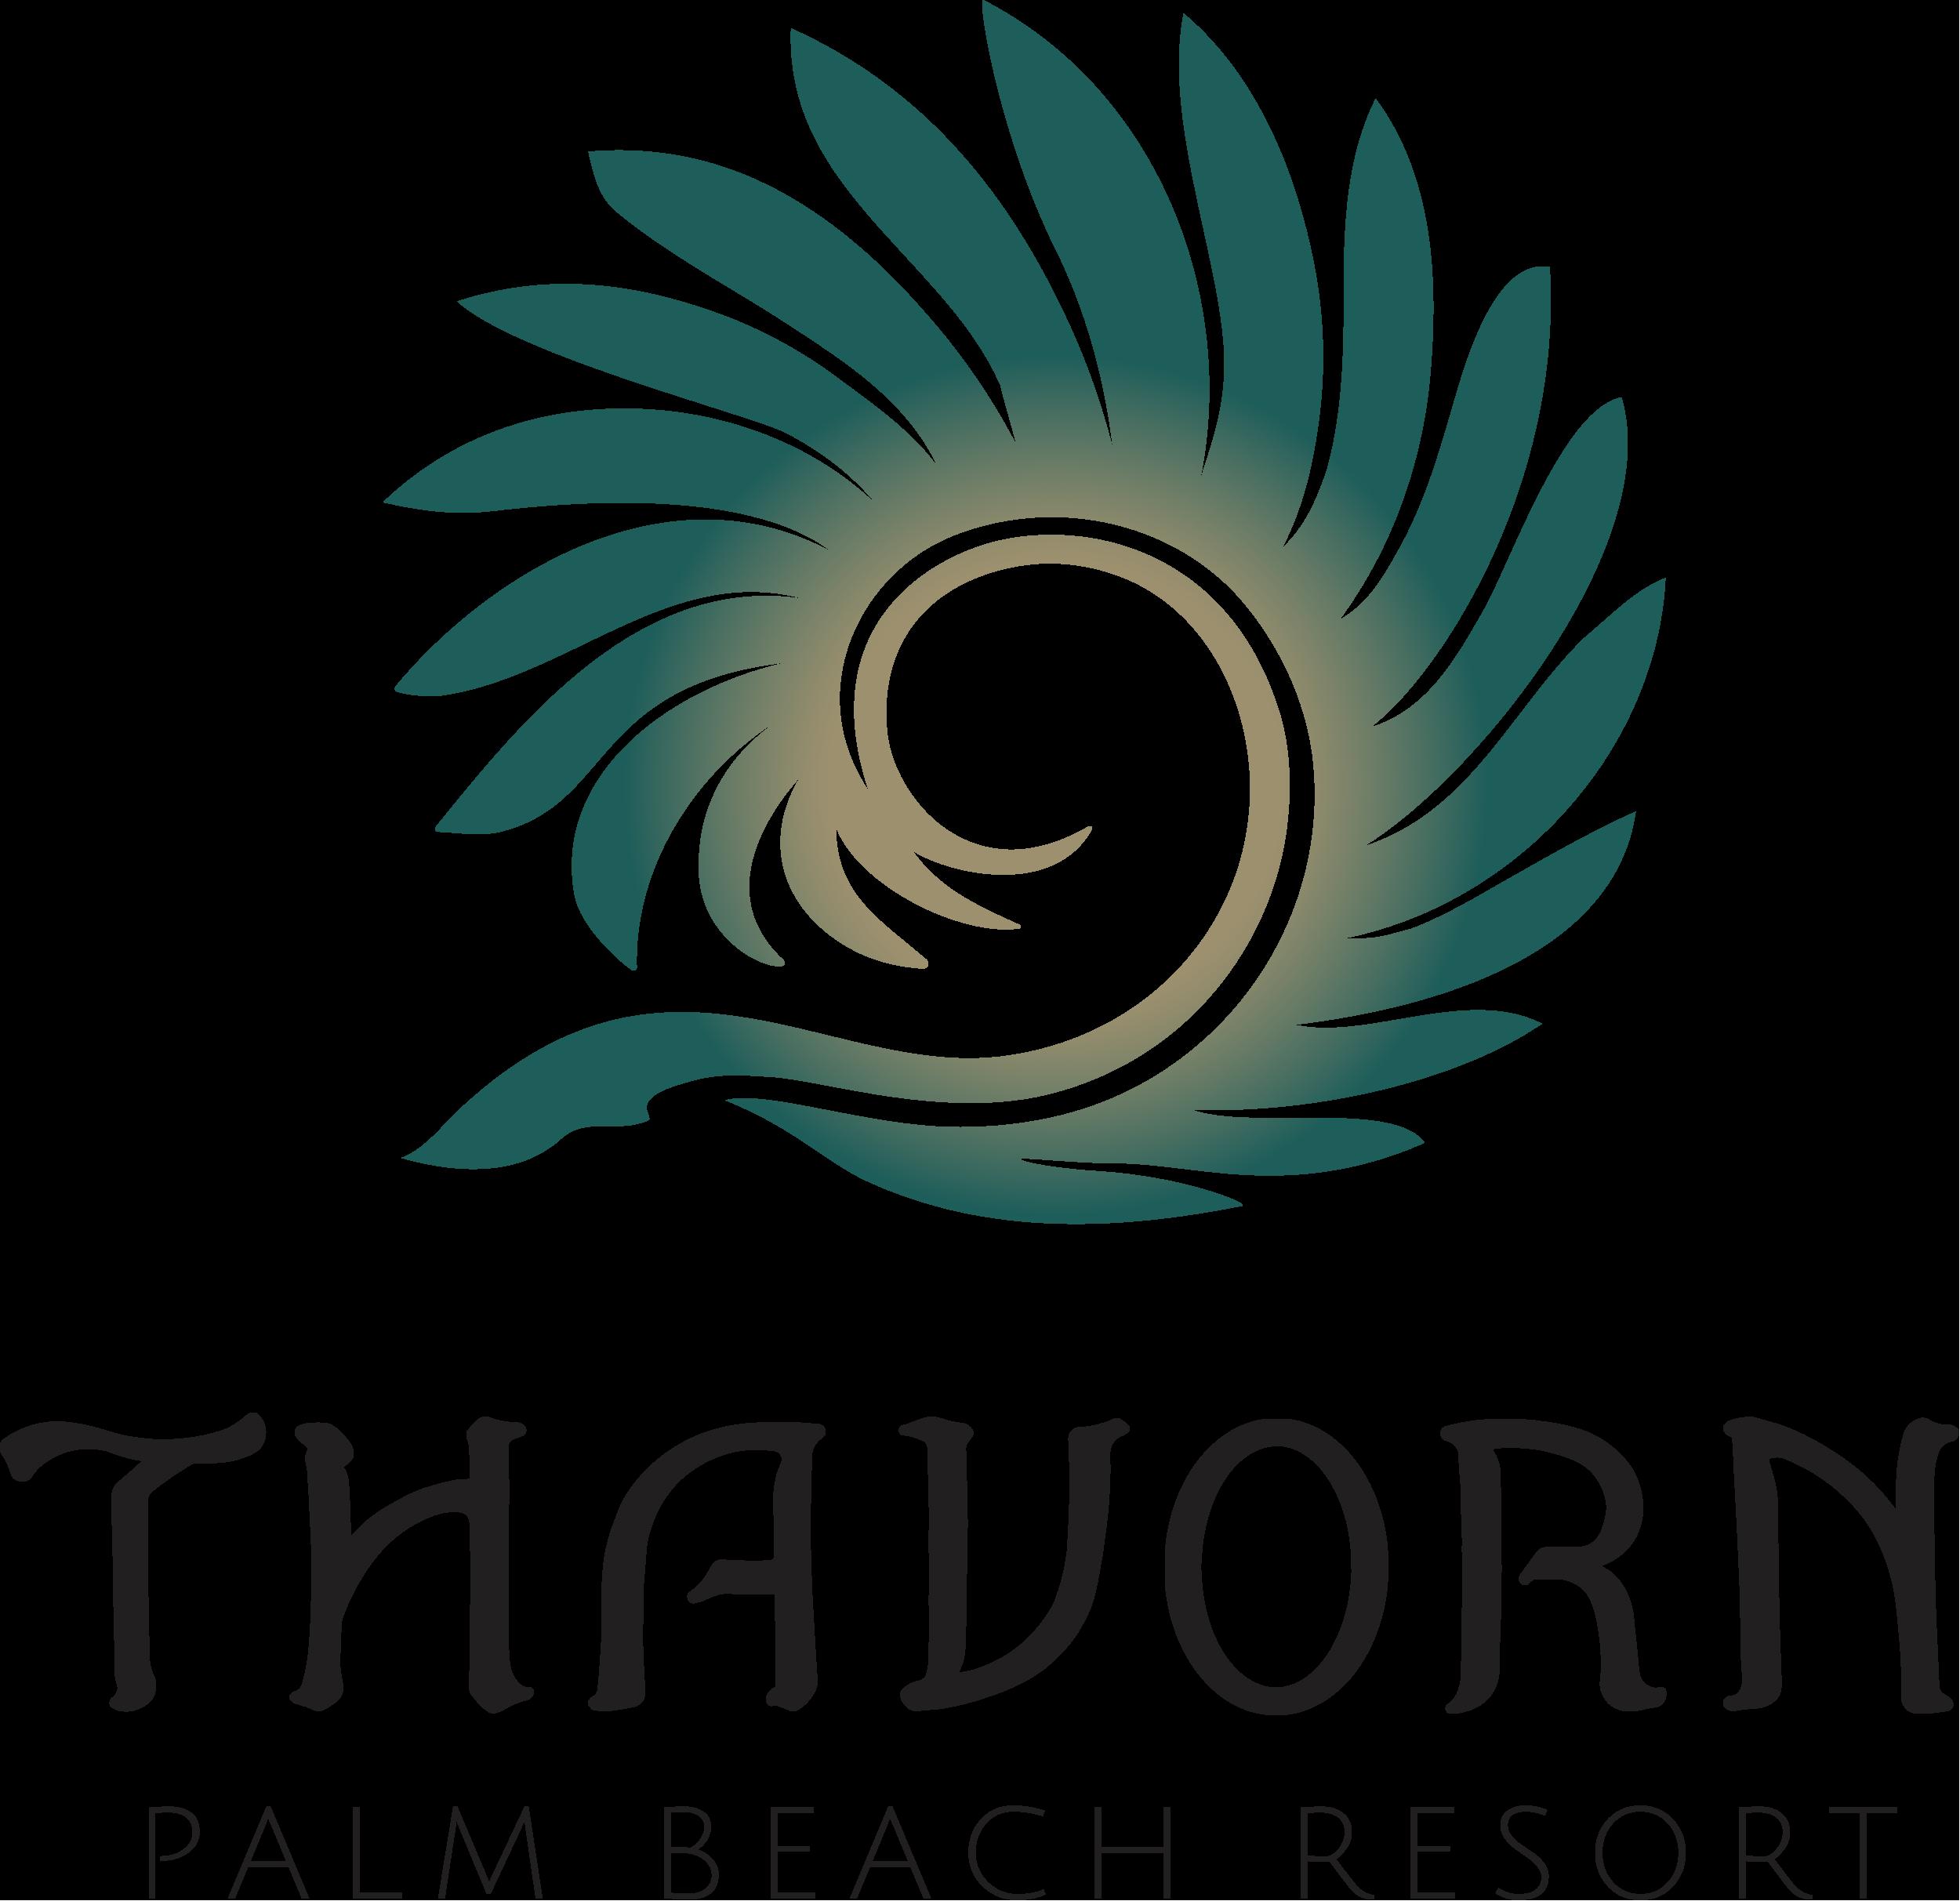 Thavorn Palm Beach Resort Logo